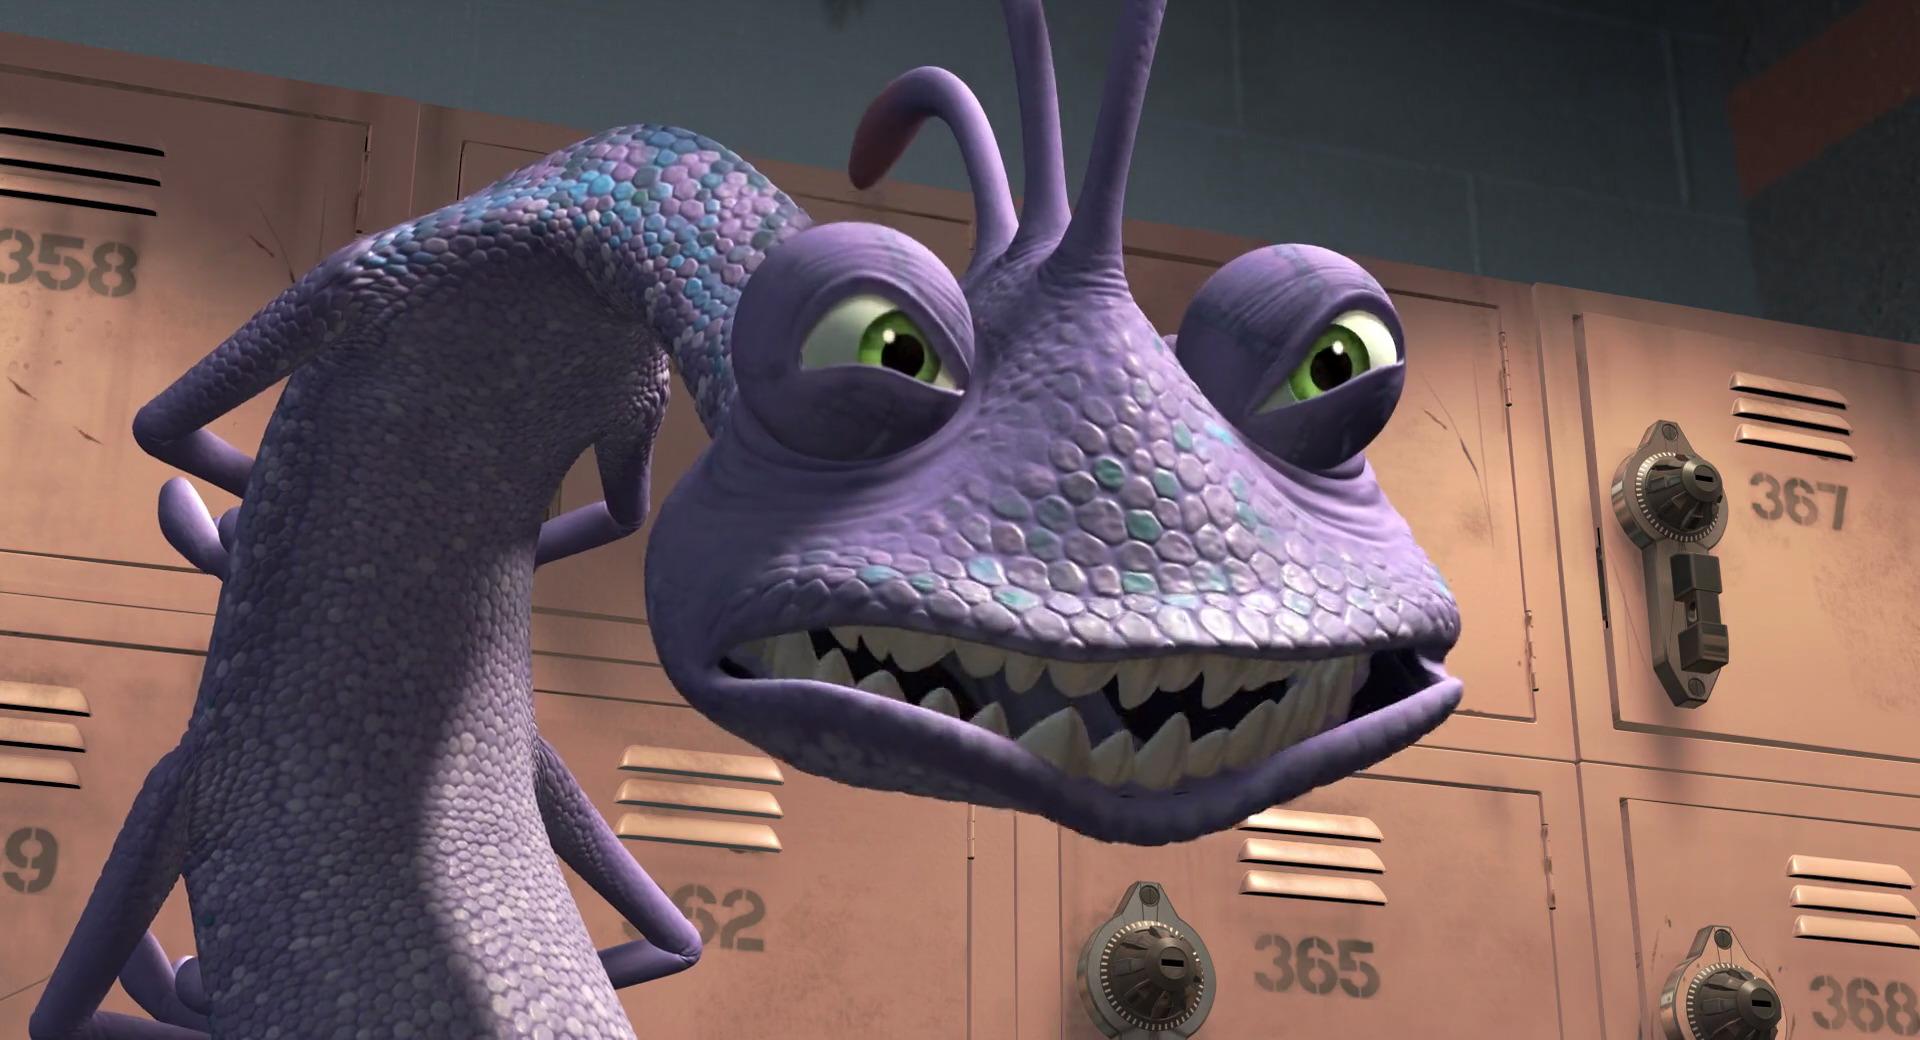 randall l on bogue personnage dans monstres cie pixar planet fr. Black Bedroom Furniture Sets. Home Design Ideas